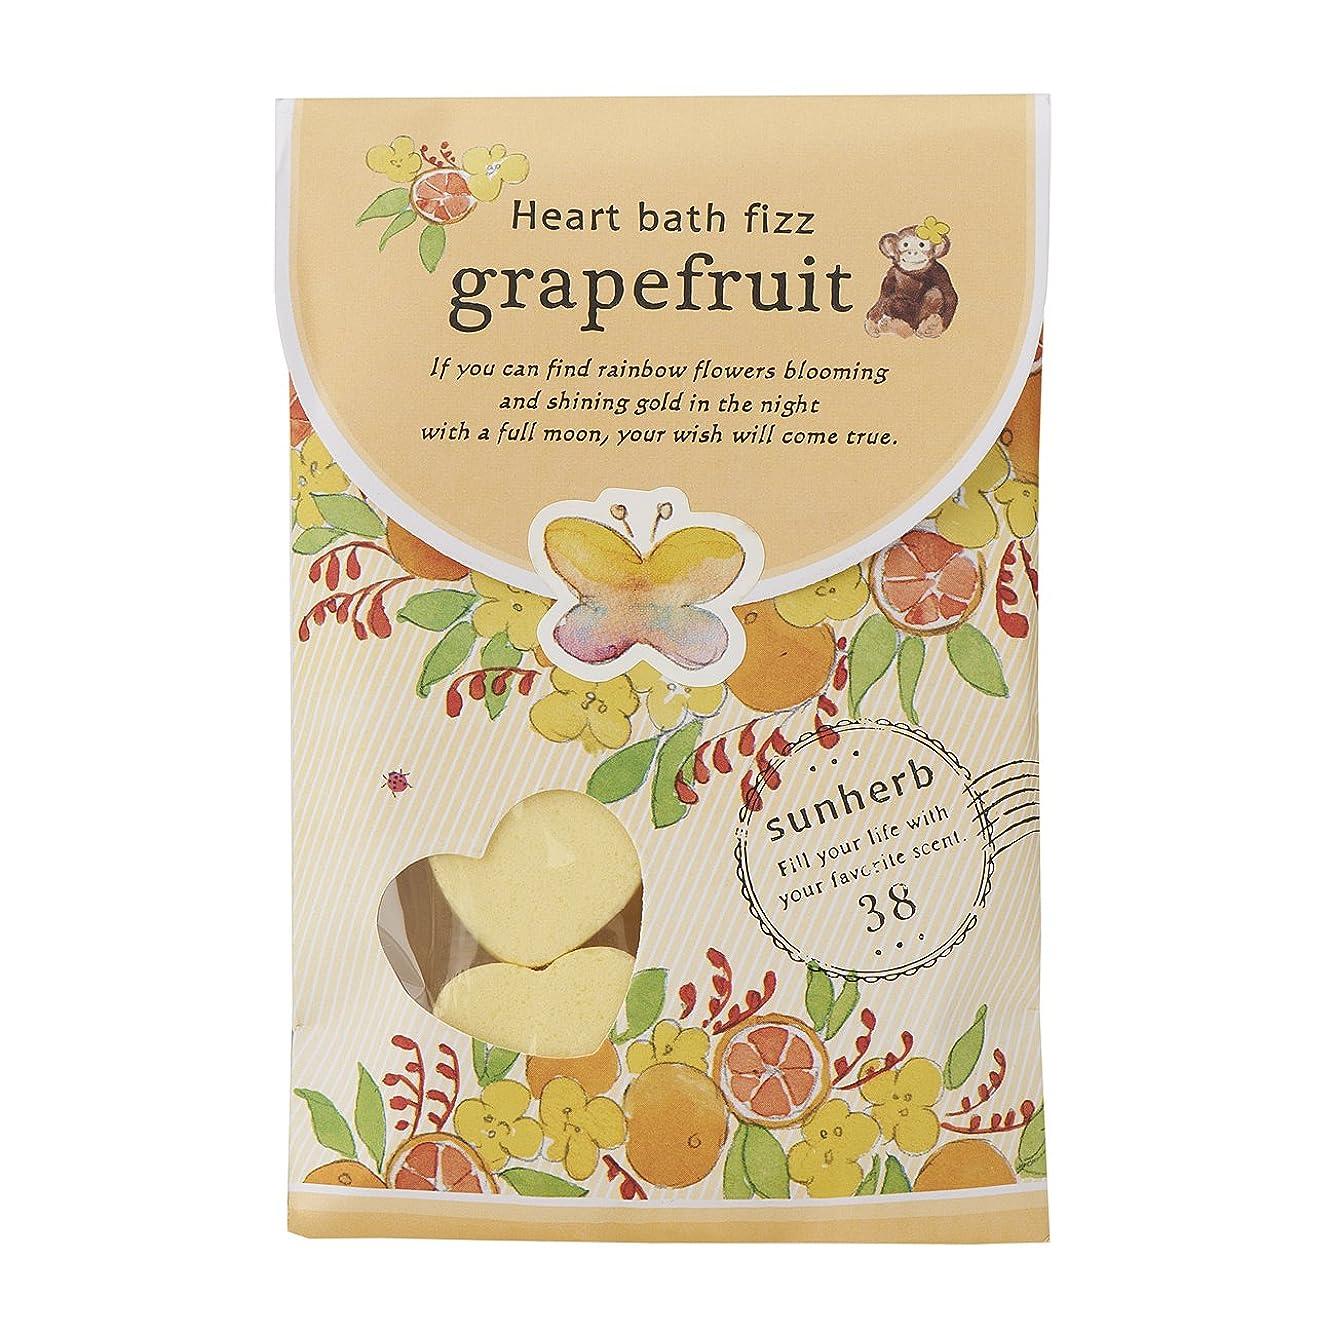 サンハーブ ハートバスフィズ28g×2包 グレープフルーツ(発泡タイプの入浴料 シャキっとまぶしい柑橘系の香り)